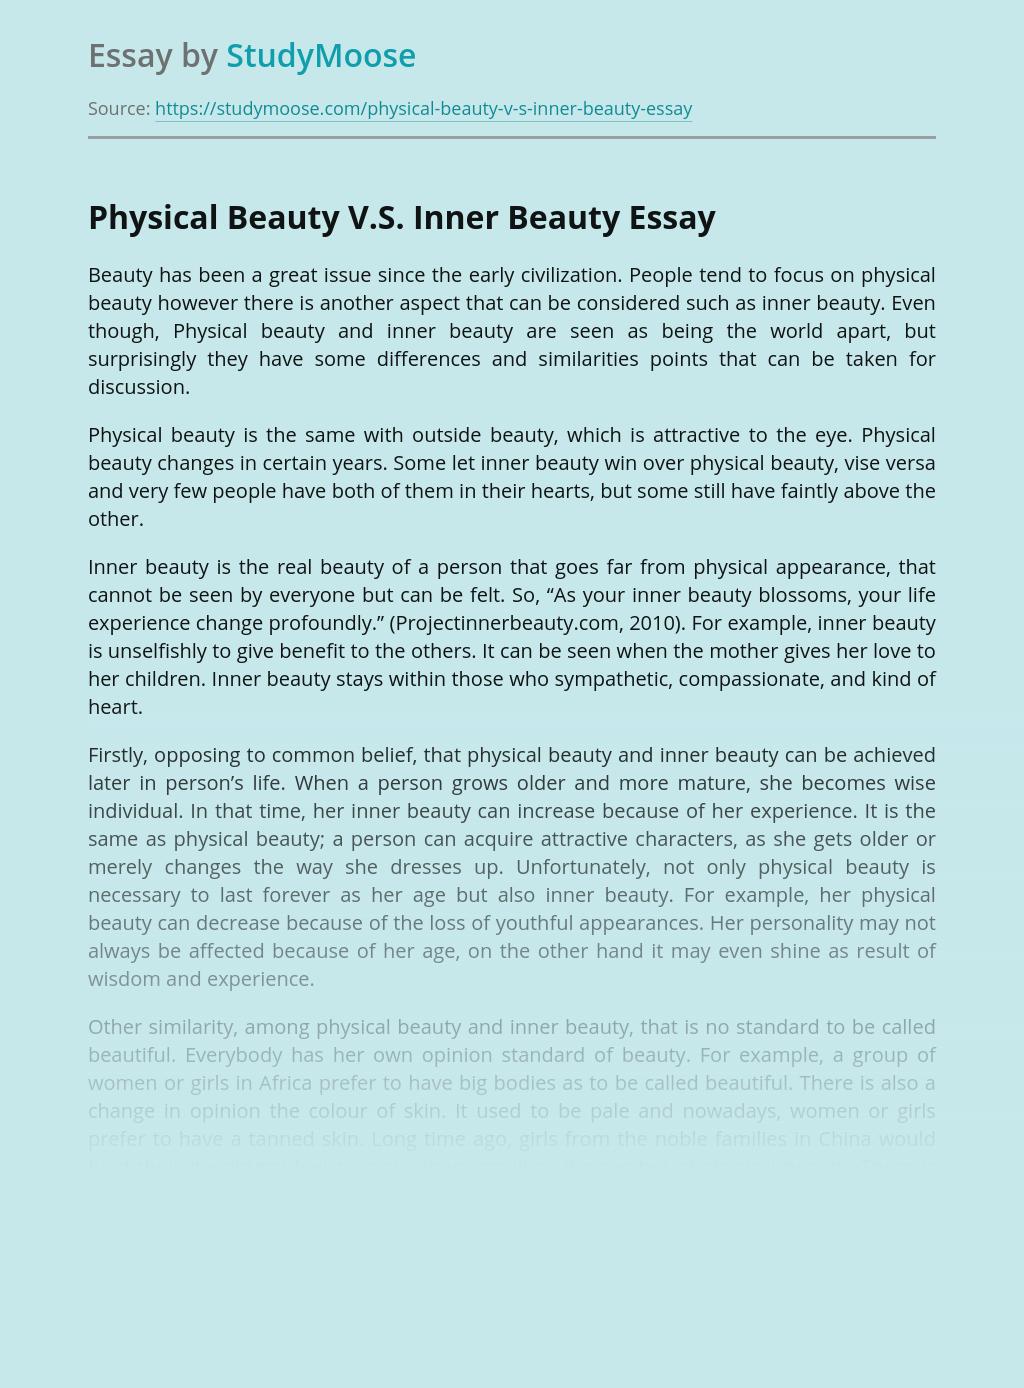 Physical Beauty V.S. Inner Beauty